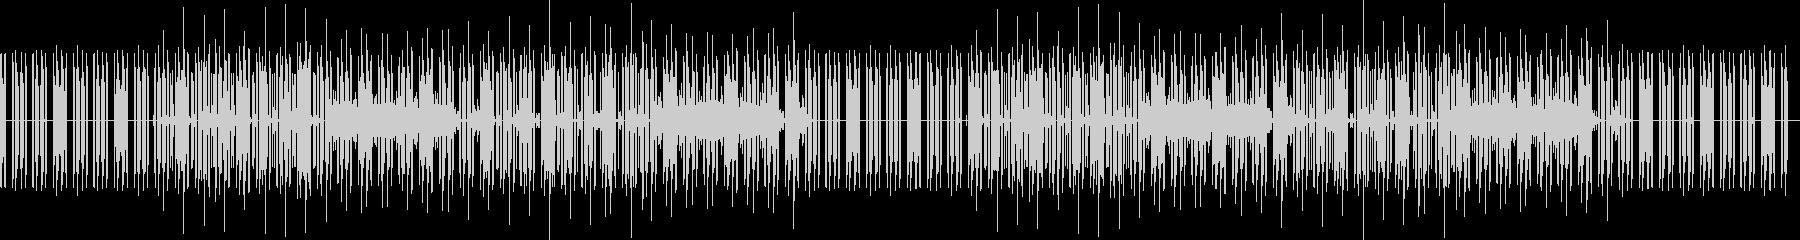 どうぶつのゲーム風な曲(ベースなし)の未再生の波形